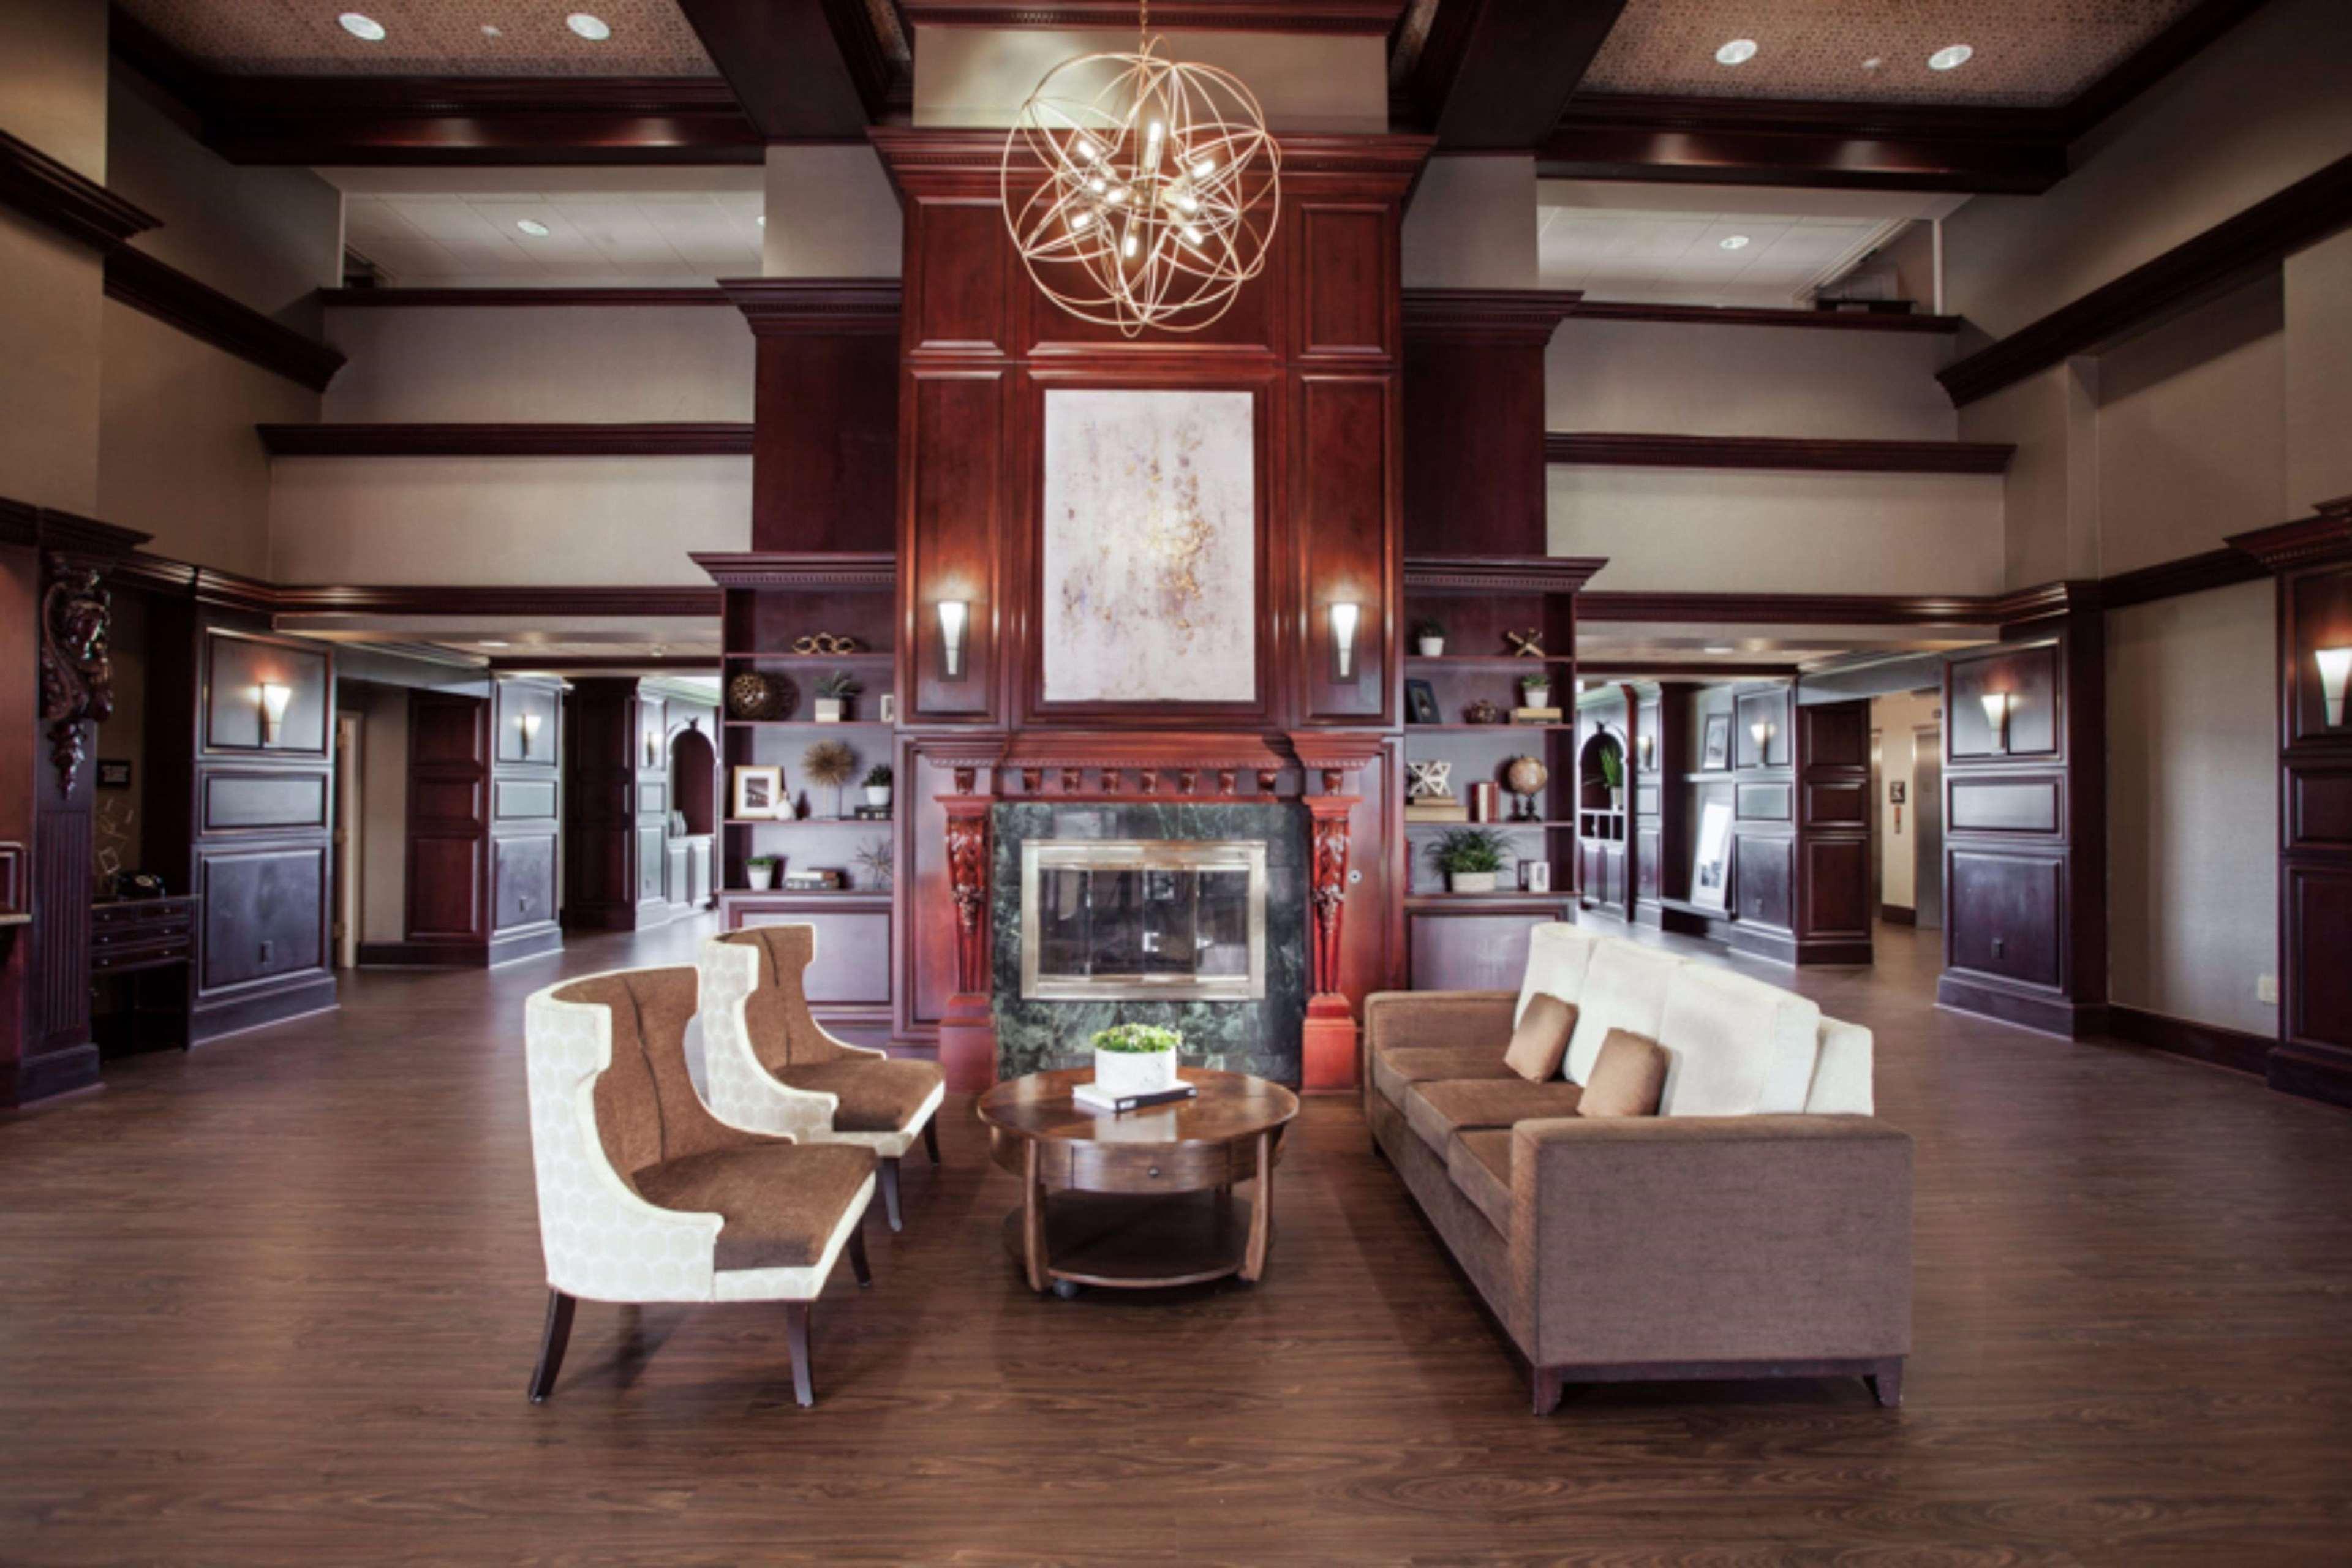 Hampton Inn & Suites Dallas-DFW Airport North-Grapevine in Grapevine, TX, photo #6